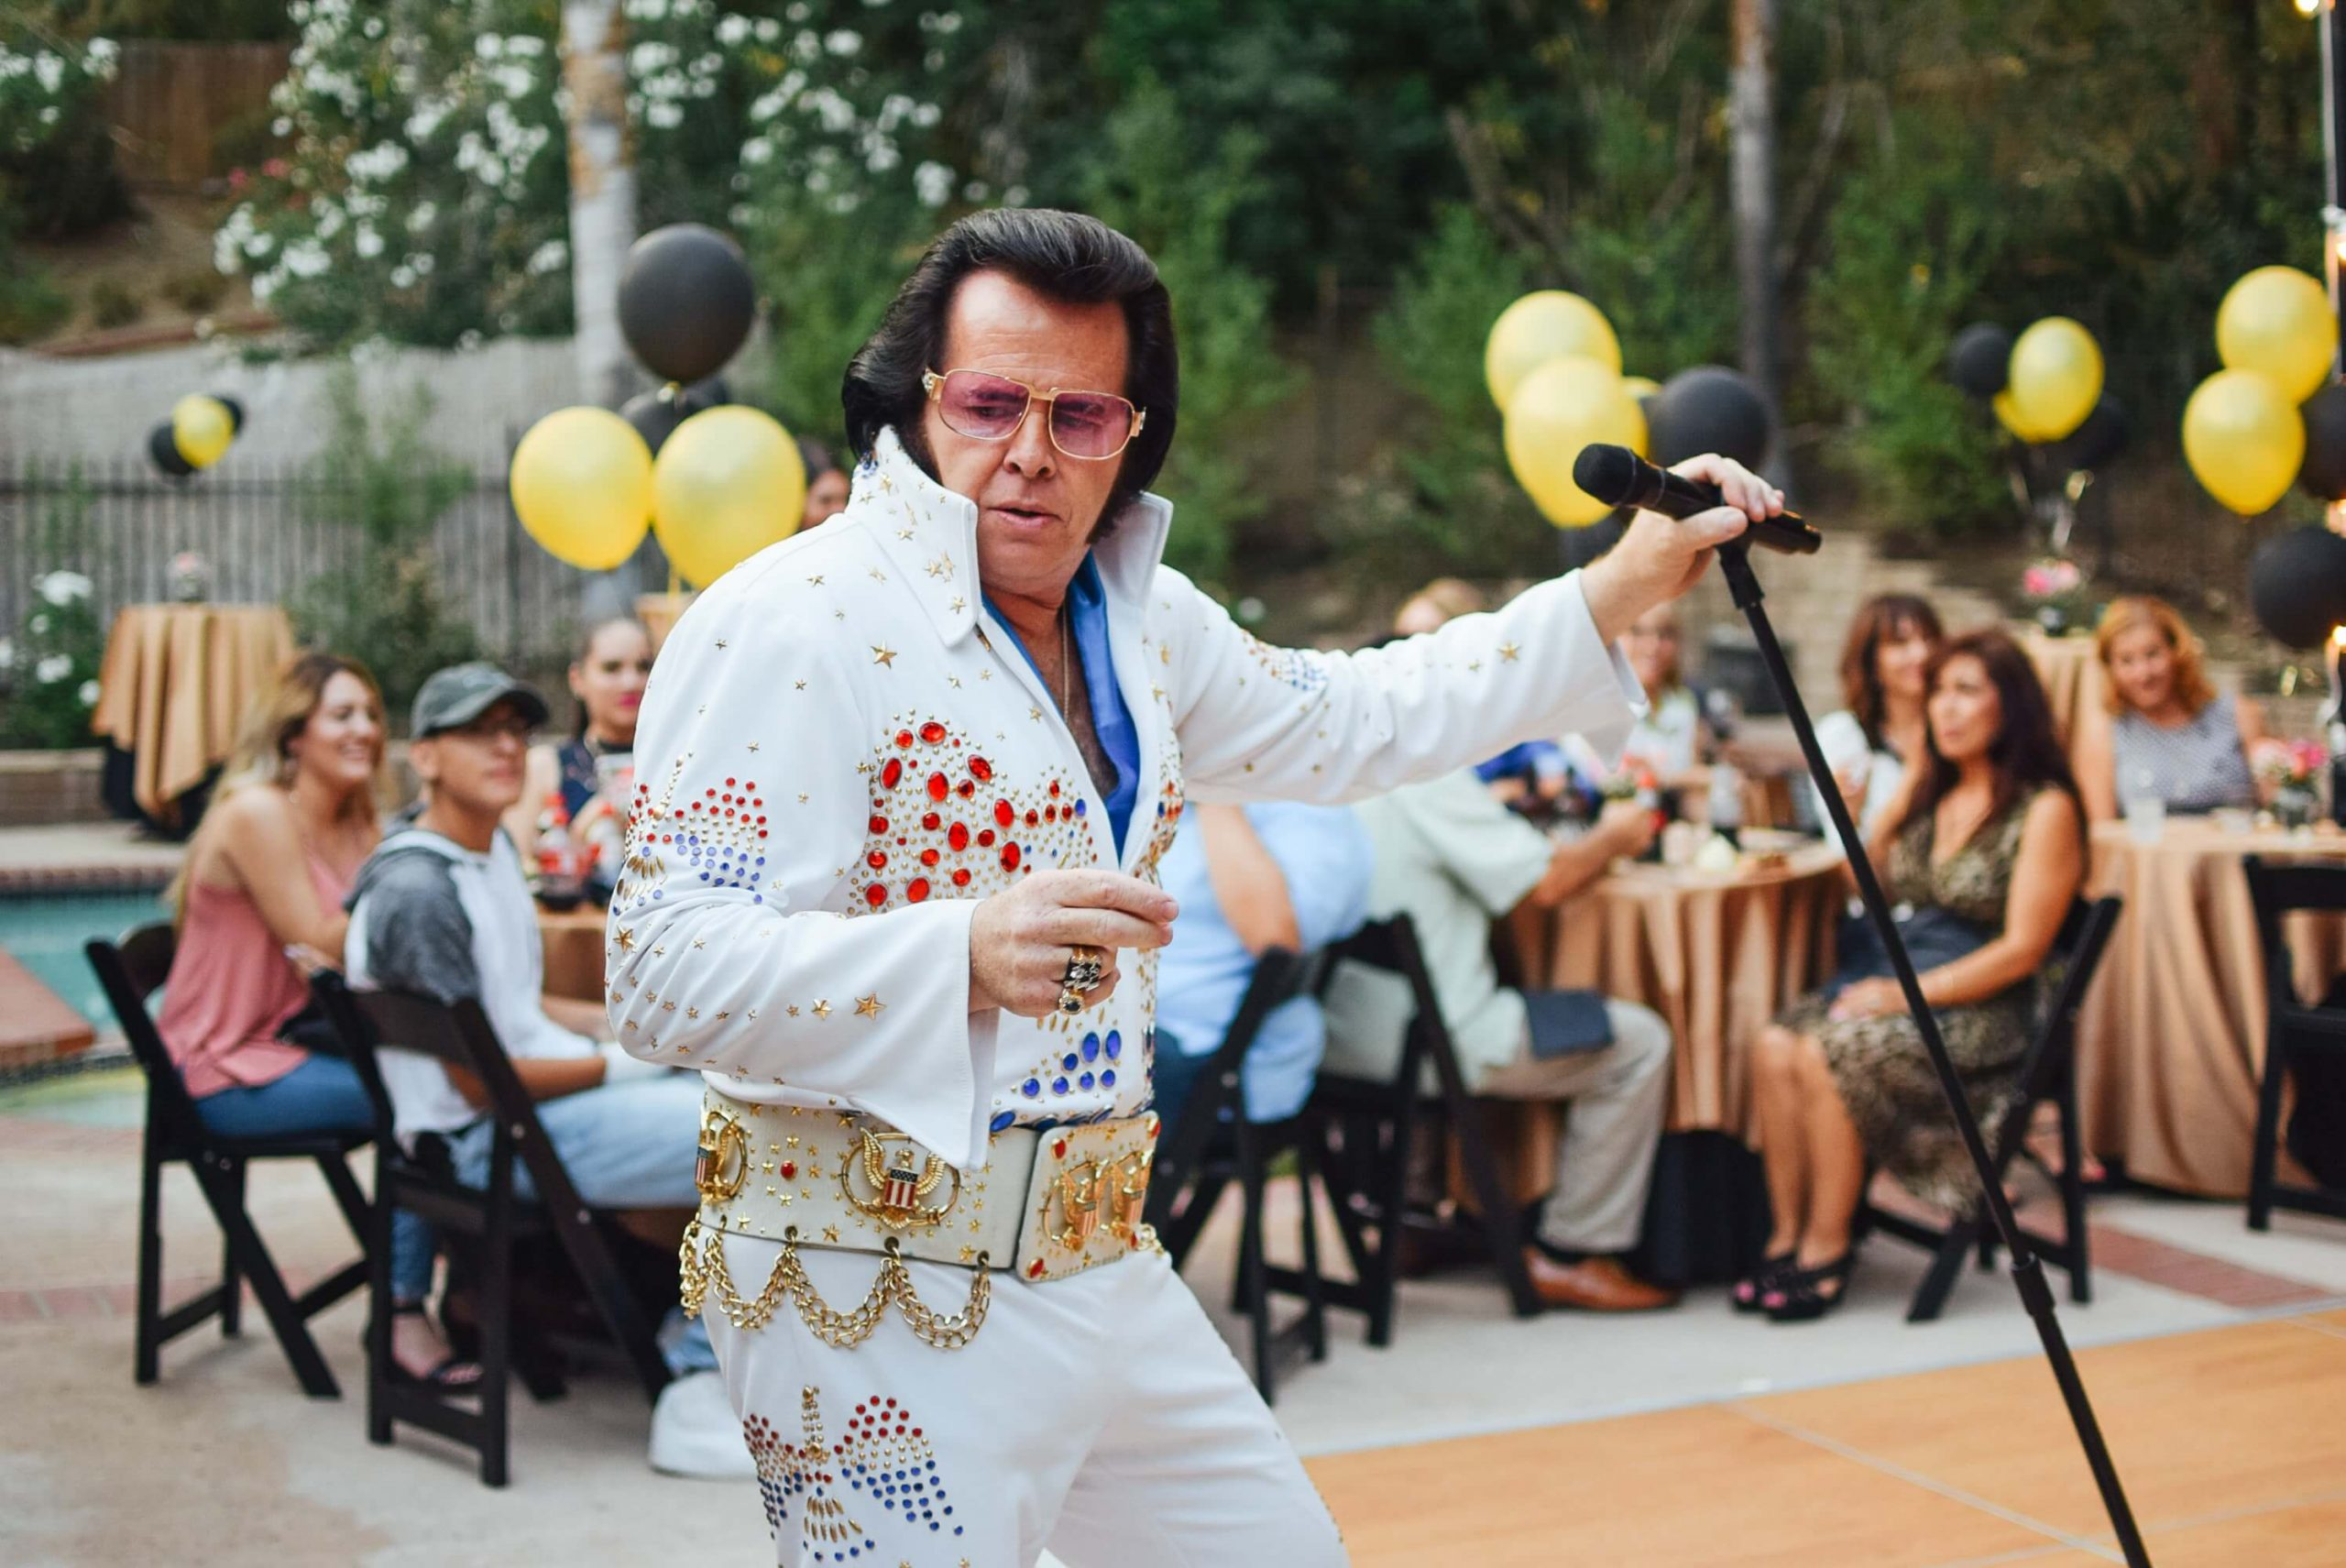 Idée d'anniversaire pour les 50 ans d'un homme Elvis Presley